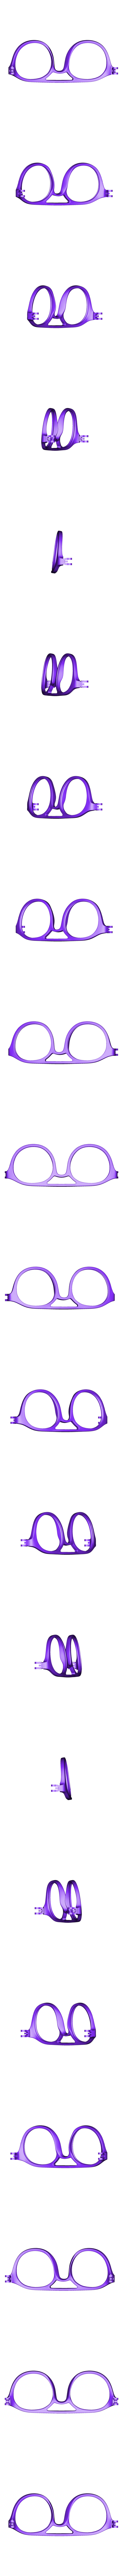 virtualtryon_fr_enio_front.stl Download free STL file VirtualTryOn.co.uk - 3D Eyewear - Enio • 3D printable model, Sacha_Zacaropoulos